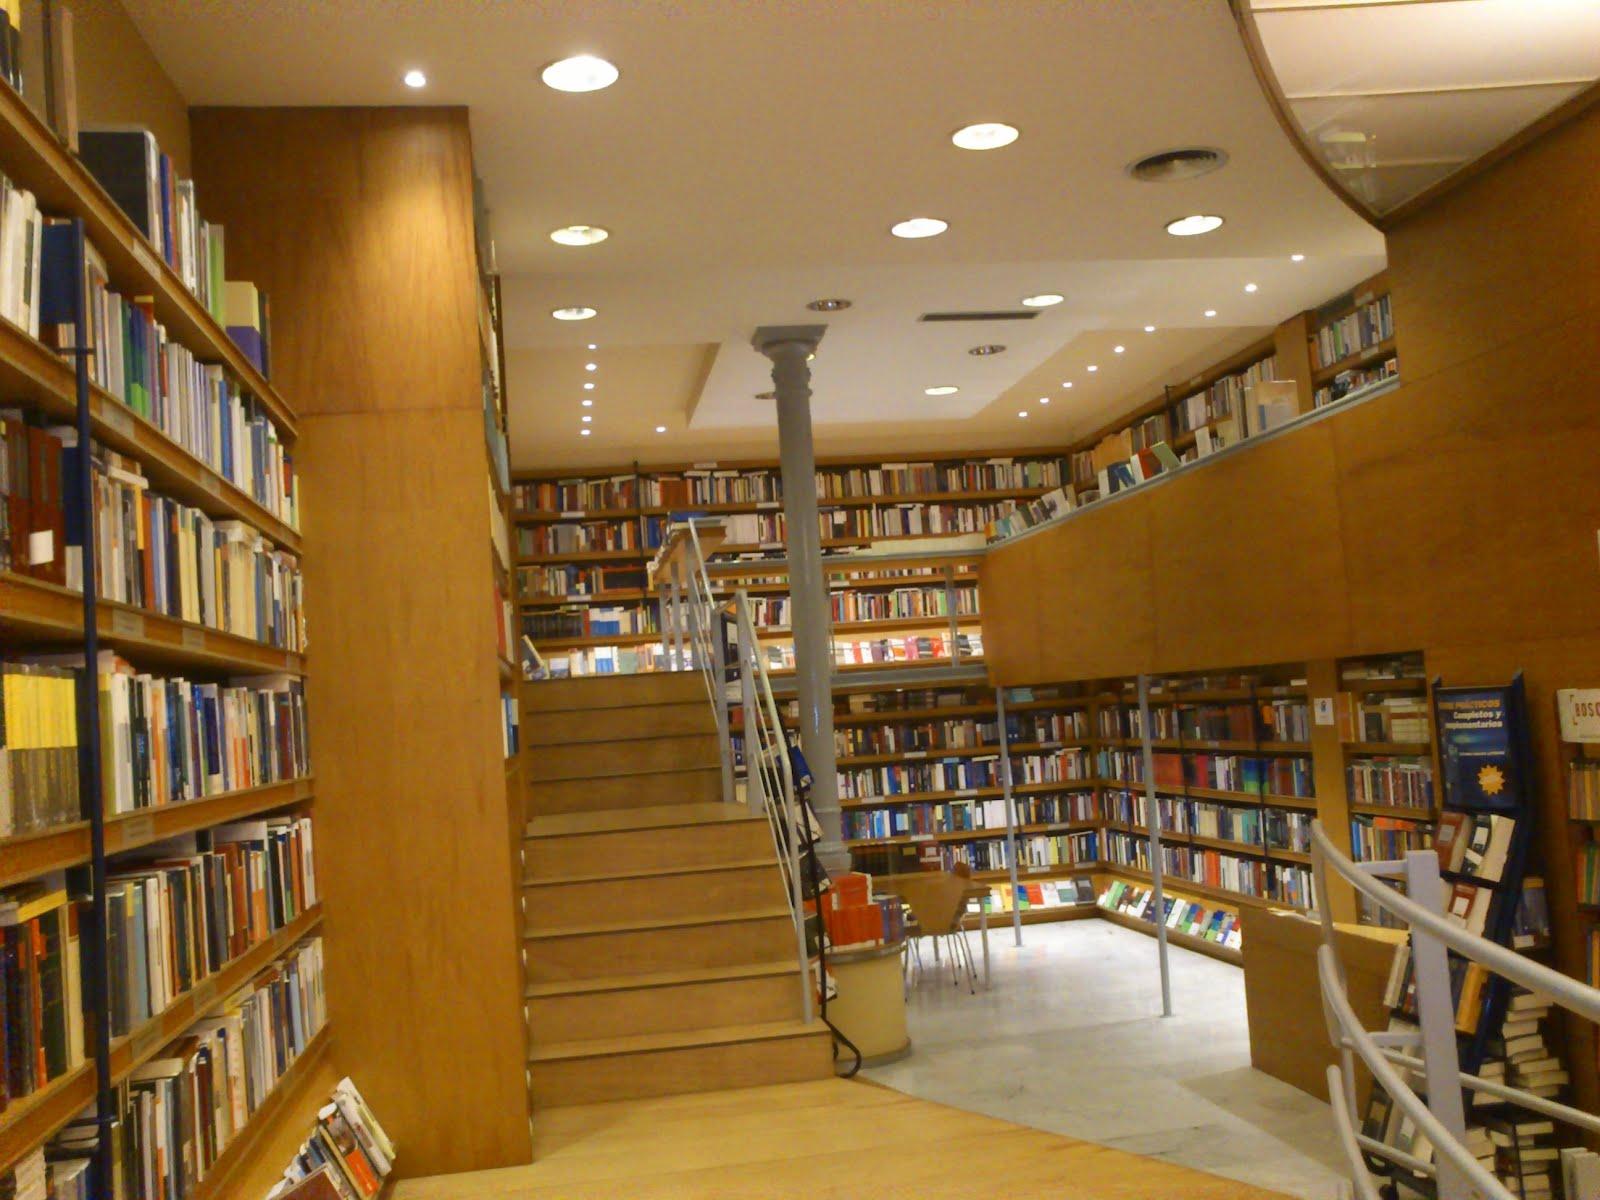 Enviedebarcelone cuarto aniversario la marcial pons y el magatzem cultural bernat - Libreria marcial pons barcelona ...